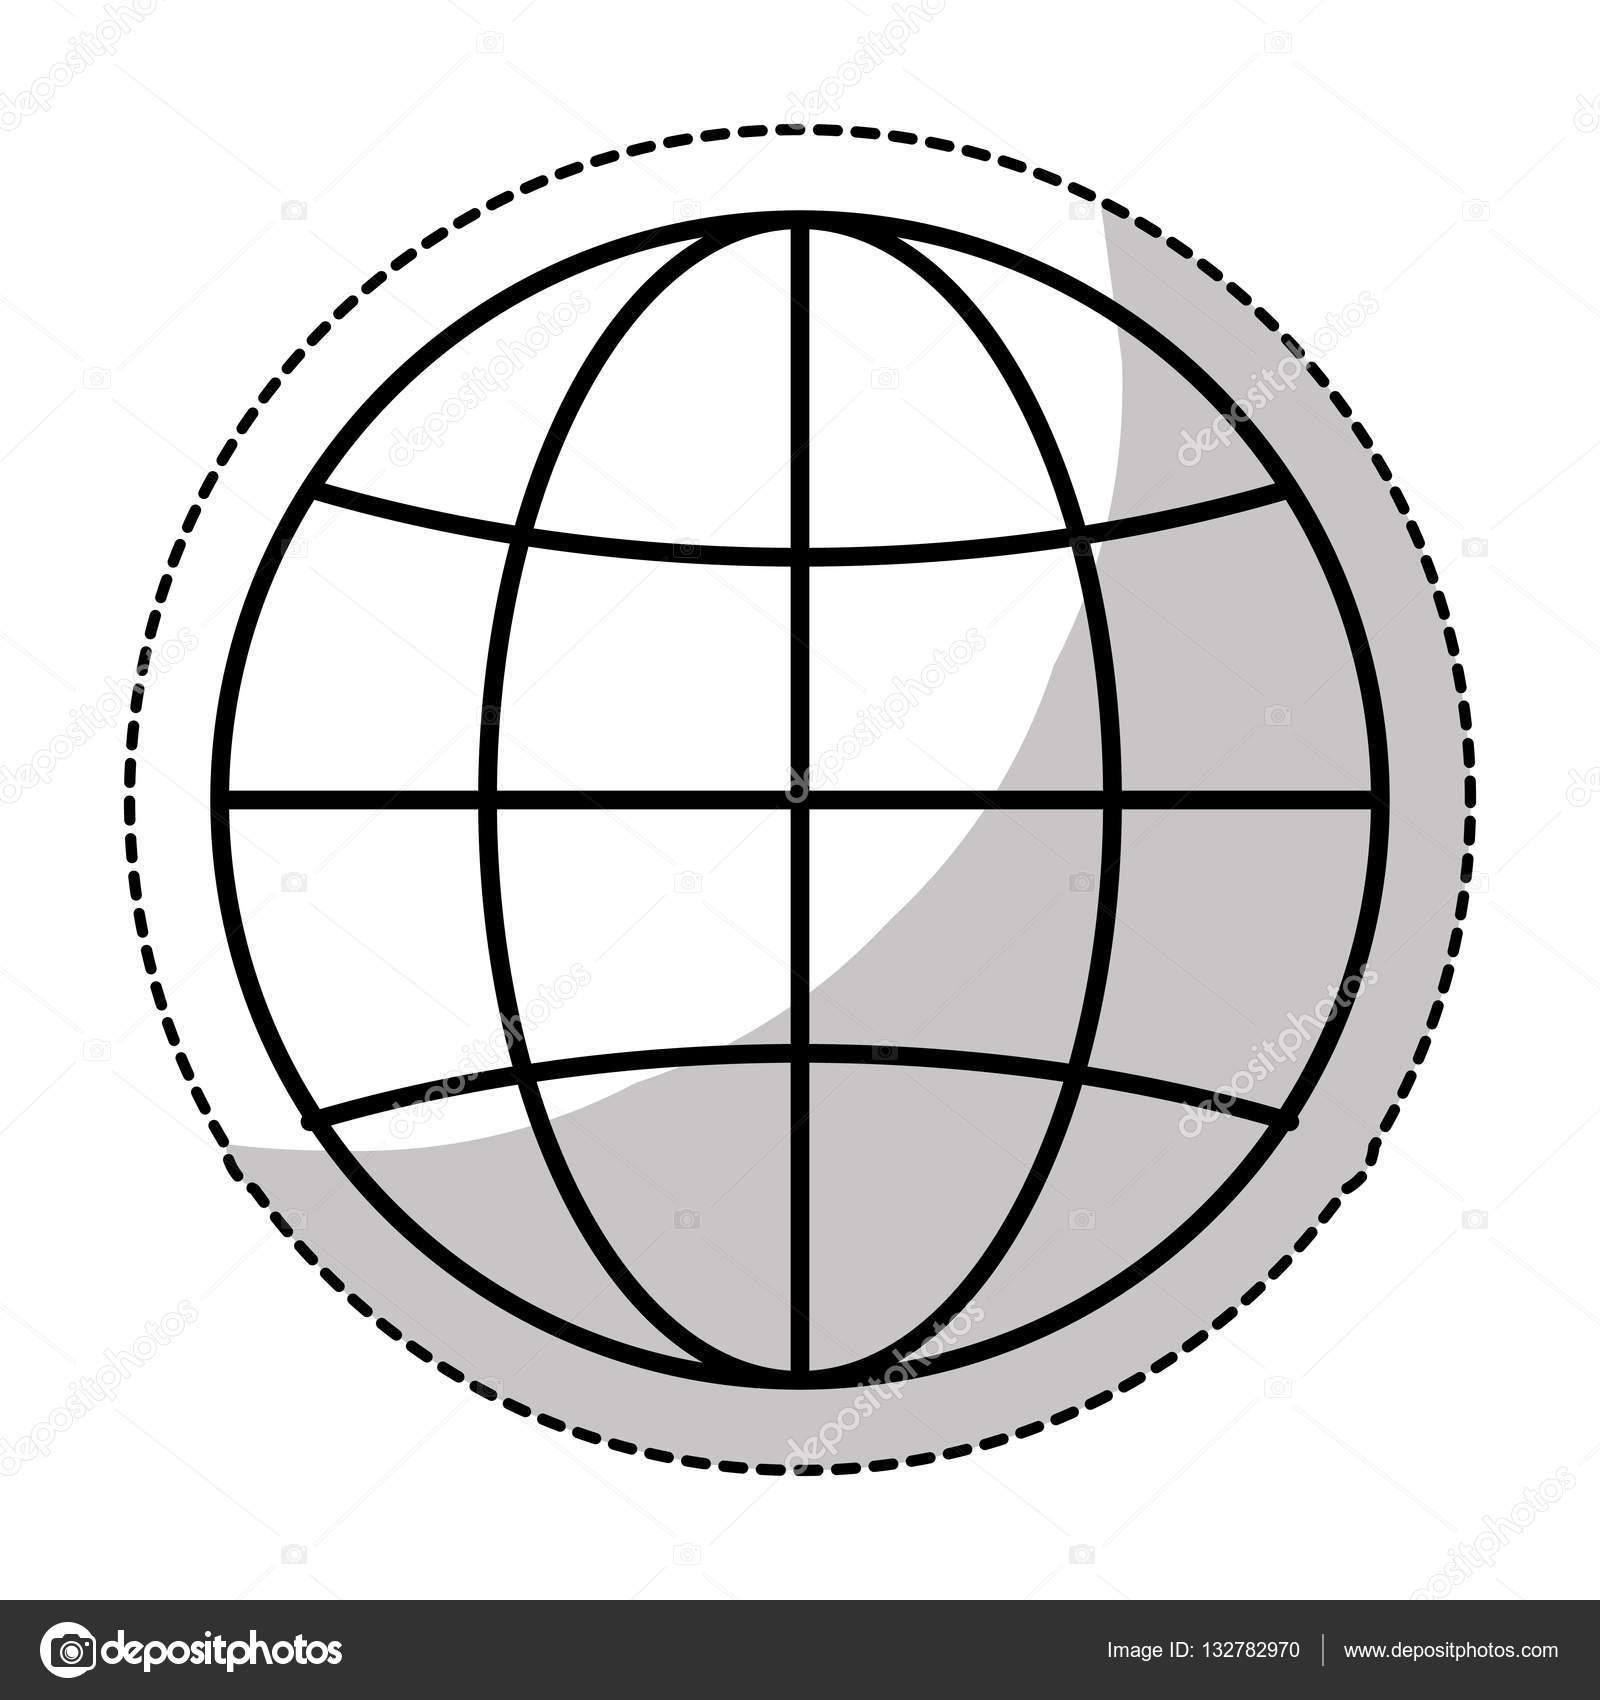 earth globe diagram icon image — Stock Vector © djv #132782970